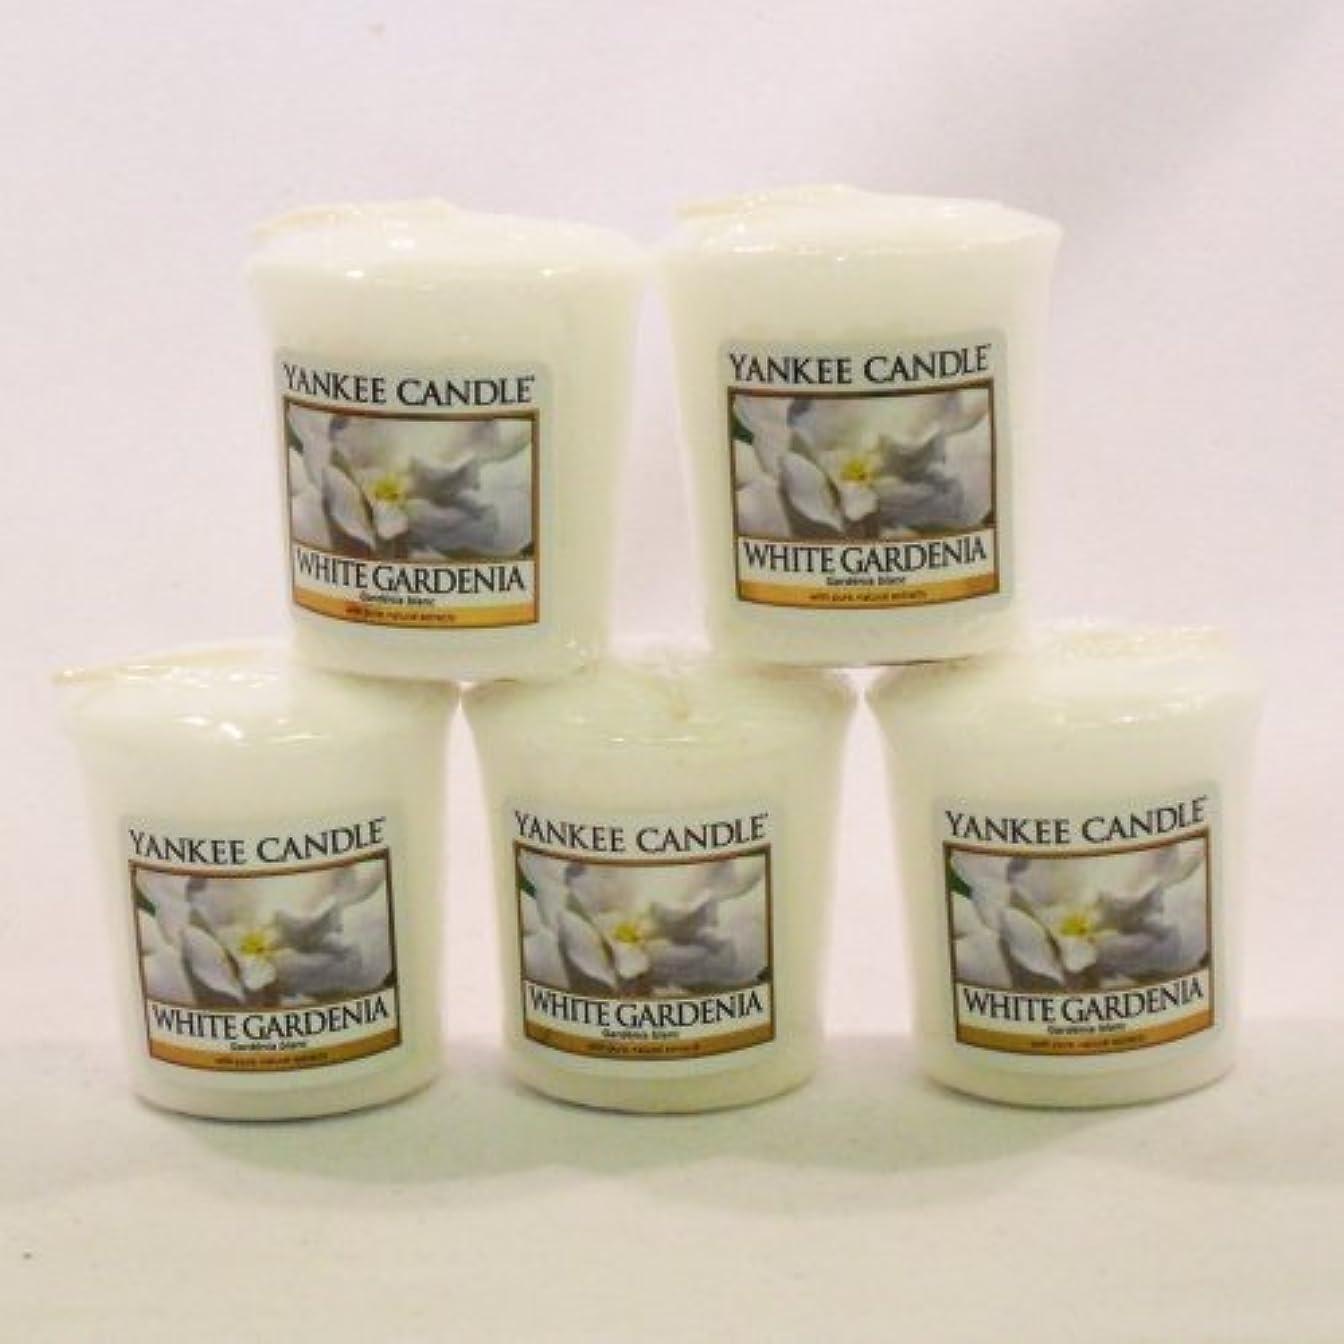 ビット巨大飼料Yankee Candleサンプラーvotives-yankee Candle – 5 xホワイトGardenia Votive Samplers – 新しい香りfor 2012 。